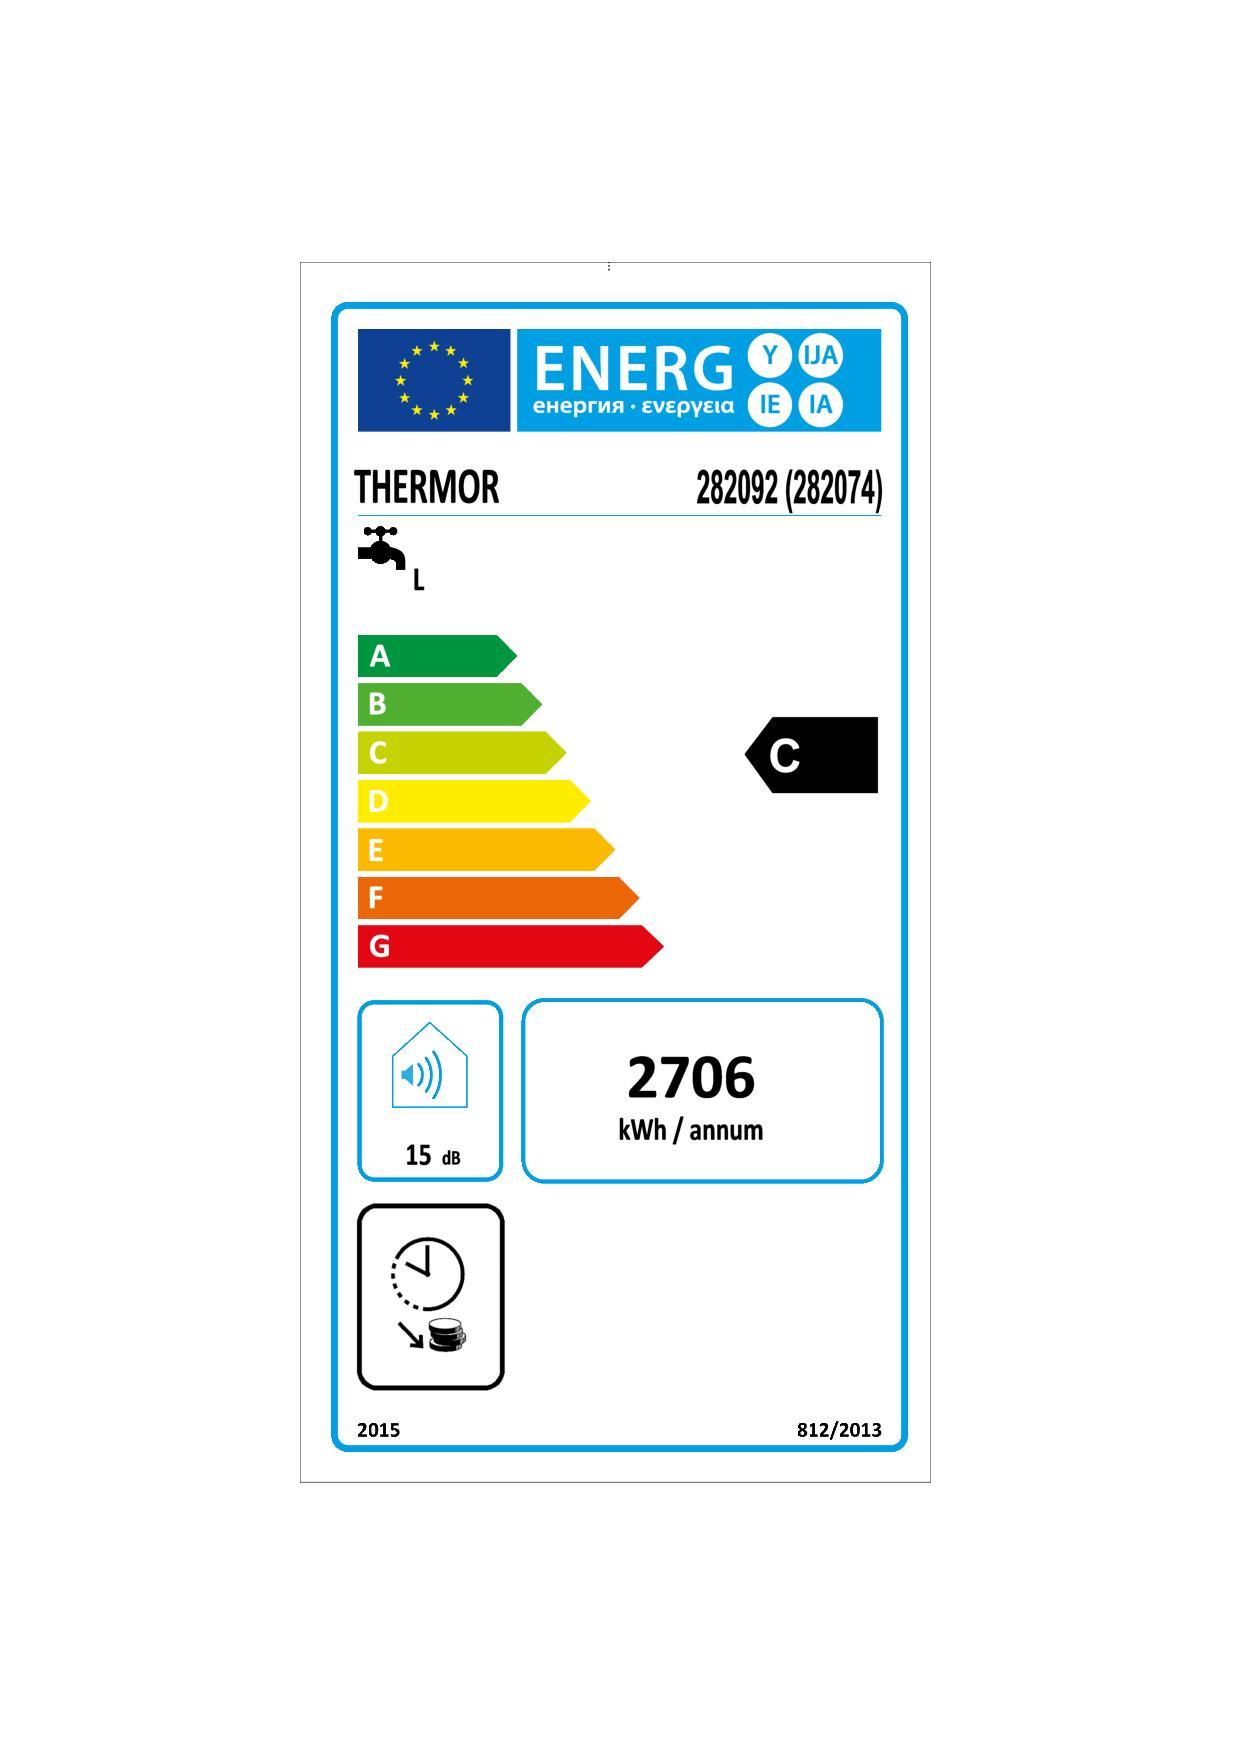 Etiquette énergétique Chauffe-eau Thermor Duralis 282074